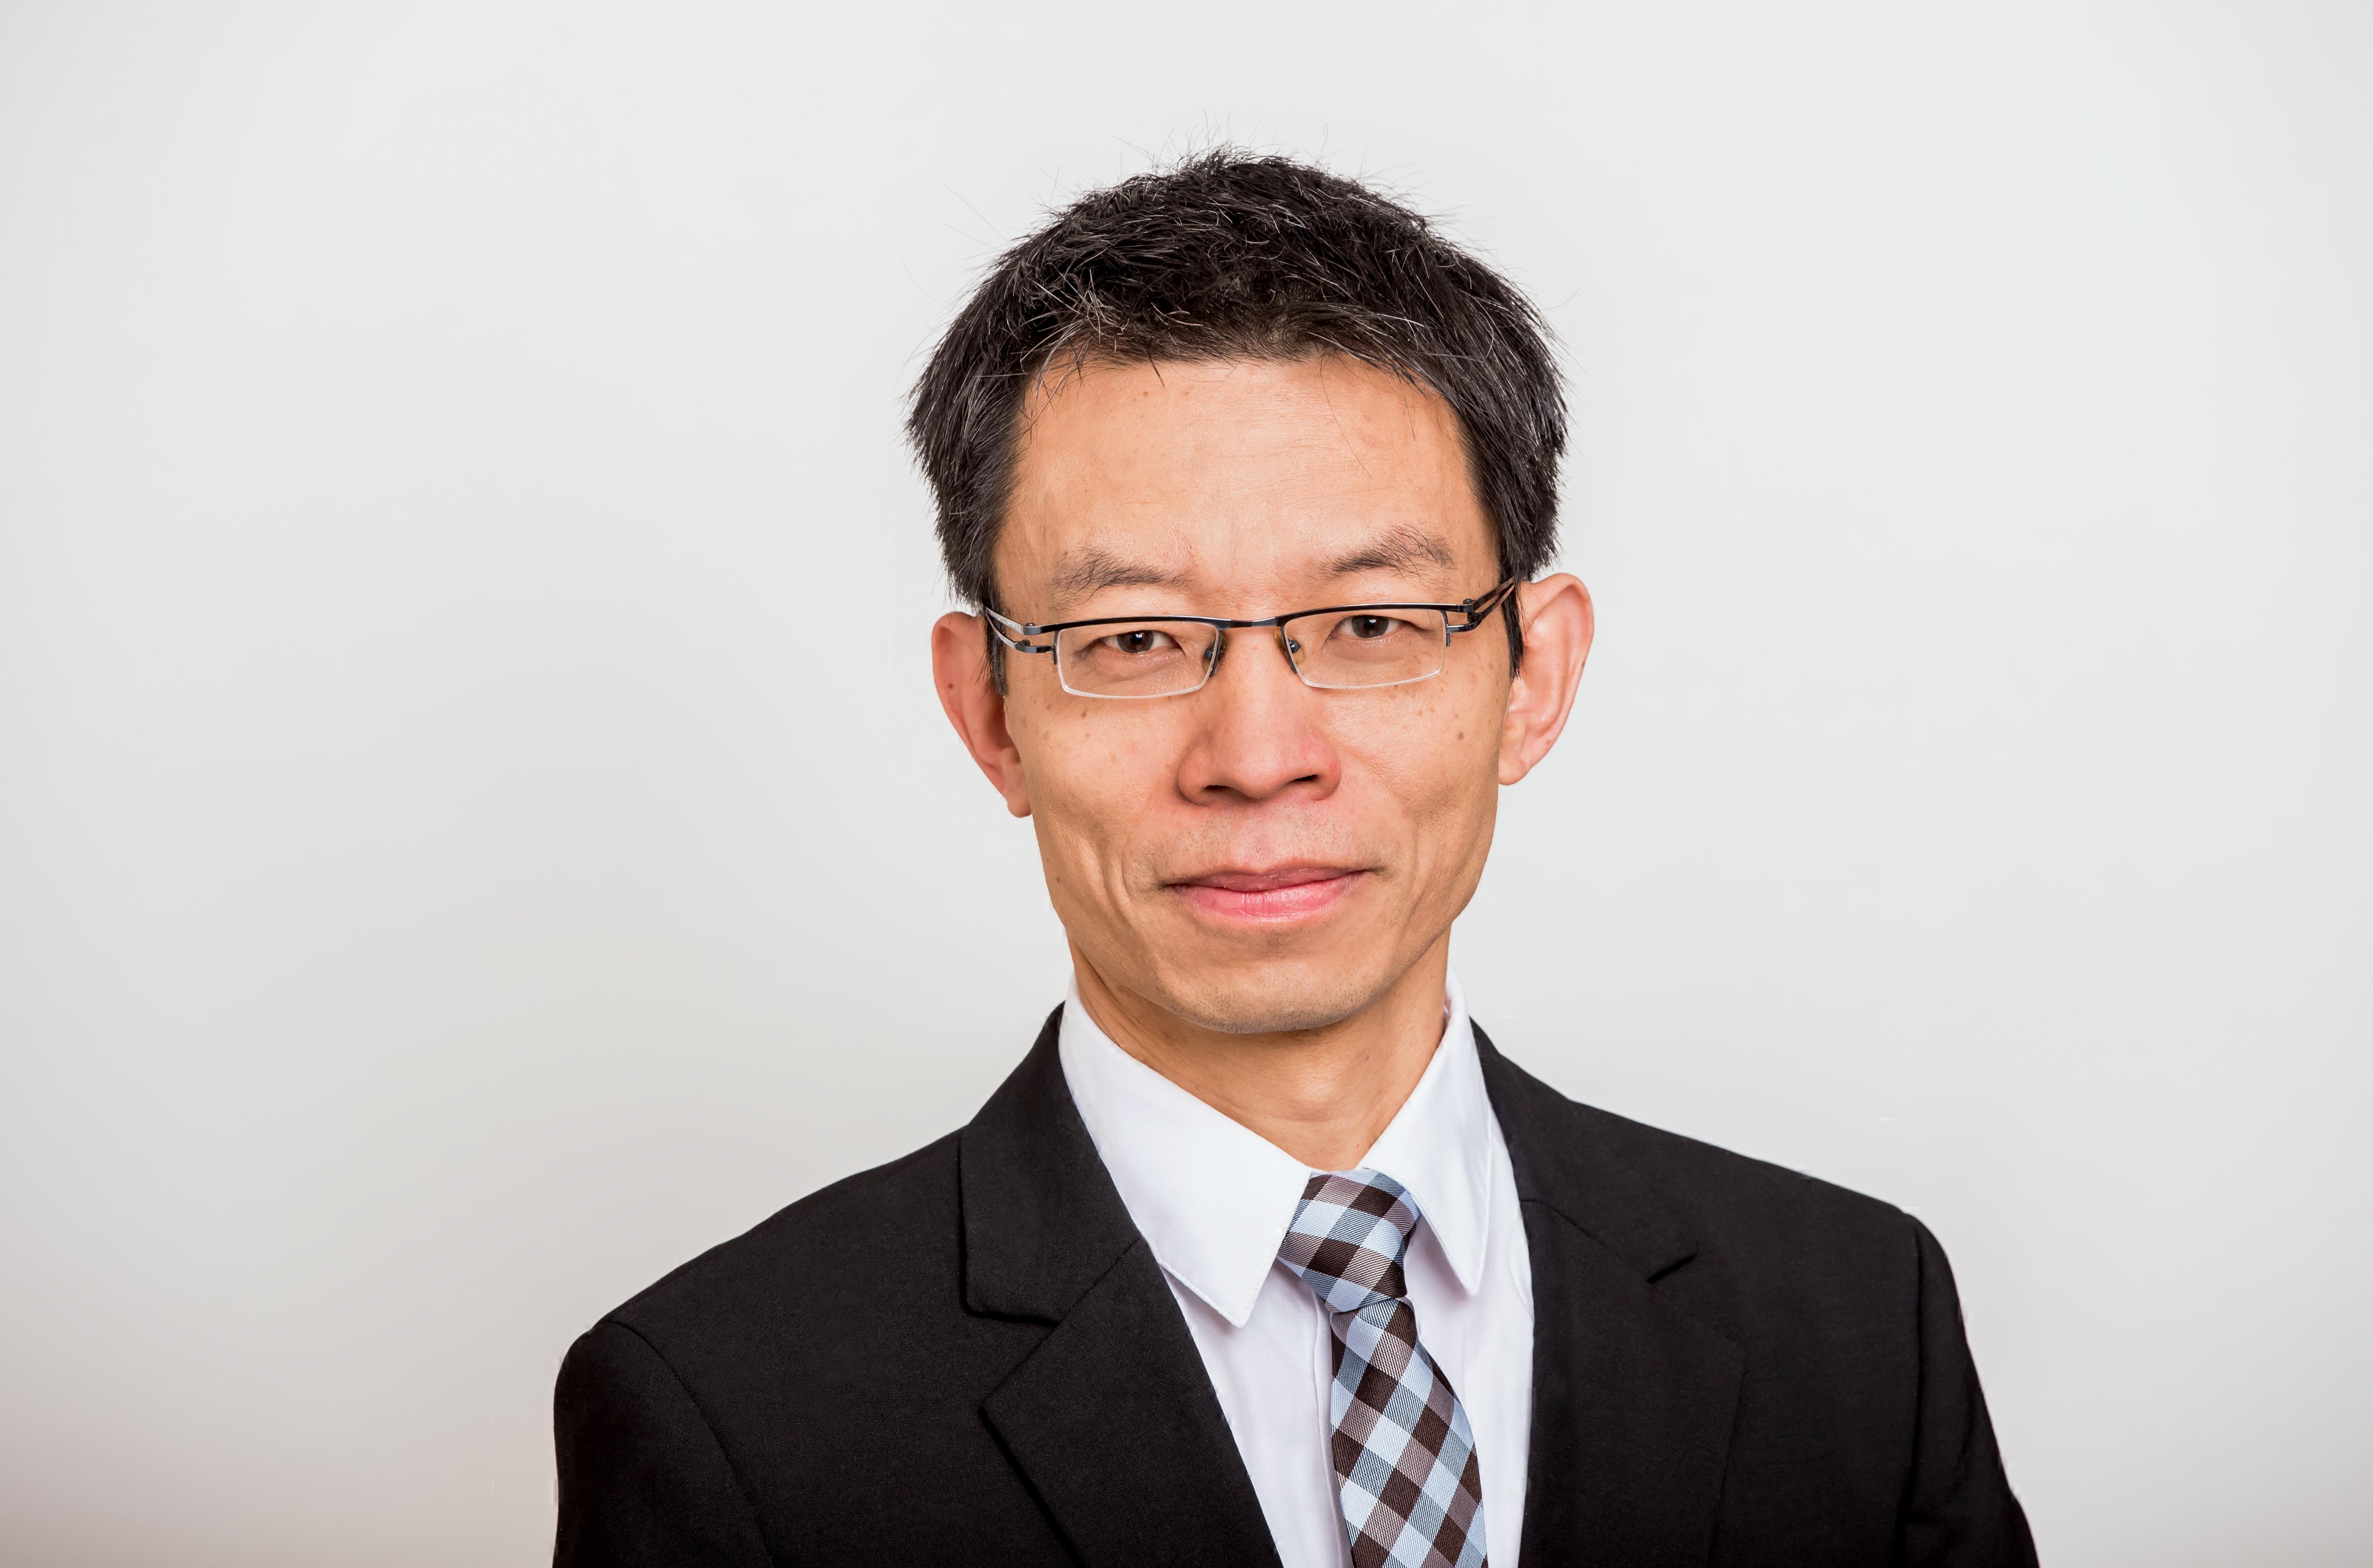 Simultanübersetzer, Dolmetscher Chinesisch, Trainer und Berater